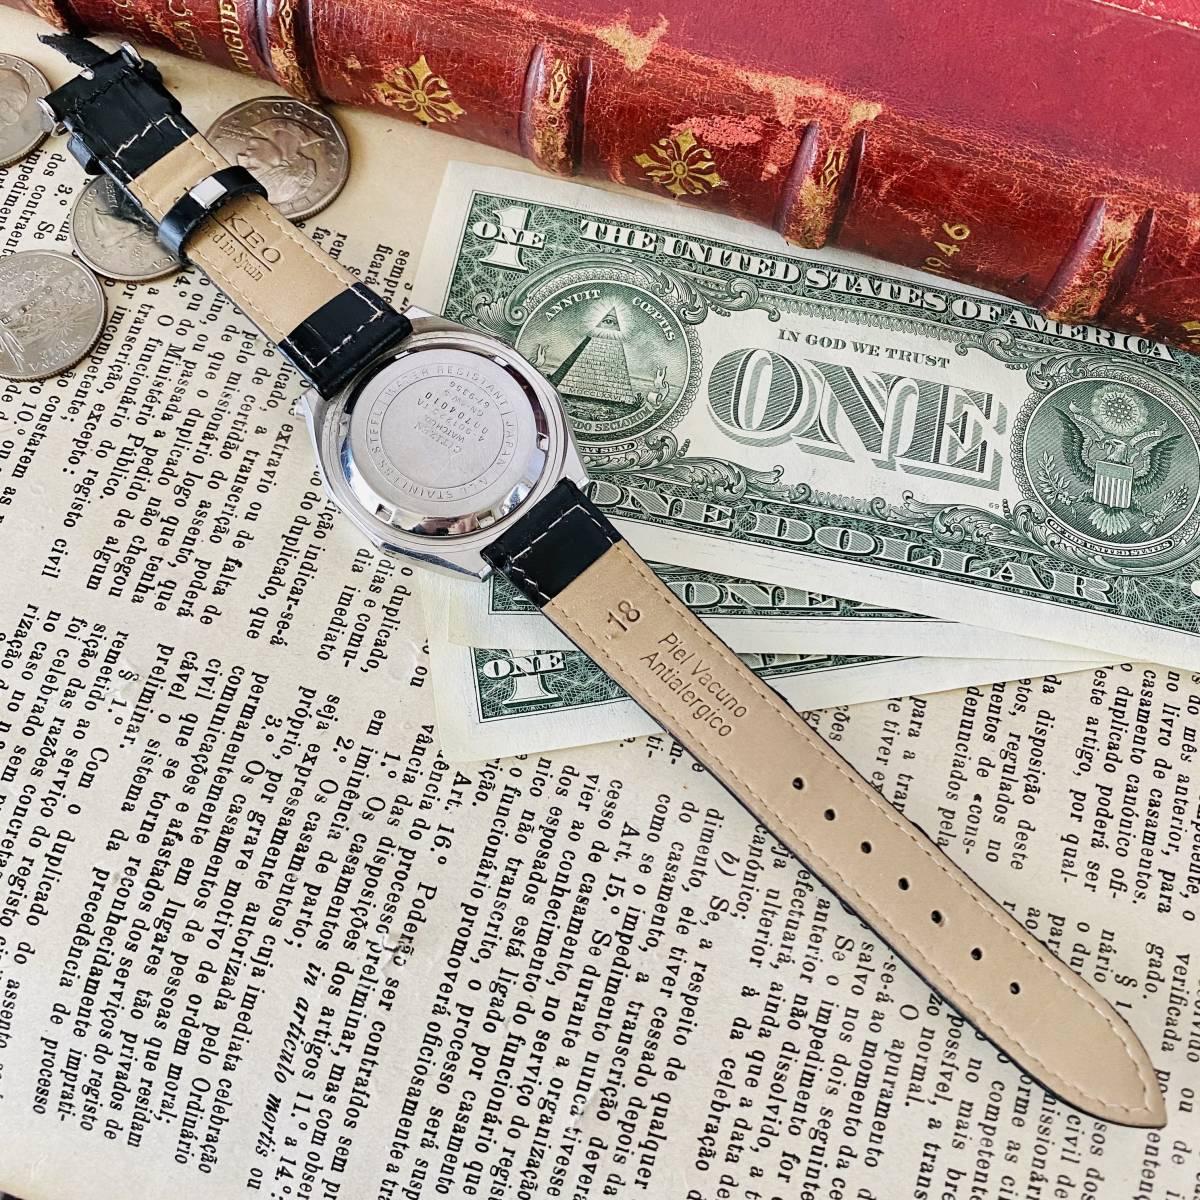 【高級時計 シチズン】CITIZEN 8110A クロノグラフ 自動巻 1980年代 ツノ メンズ レディース ビンテージ アナログ 腕時計パンダ チャレンジ_画像8